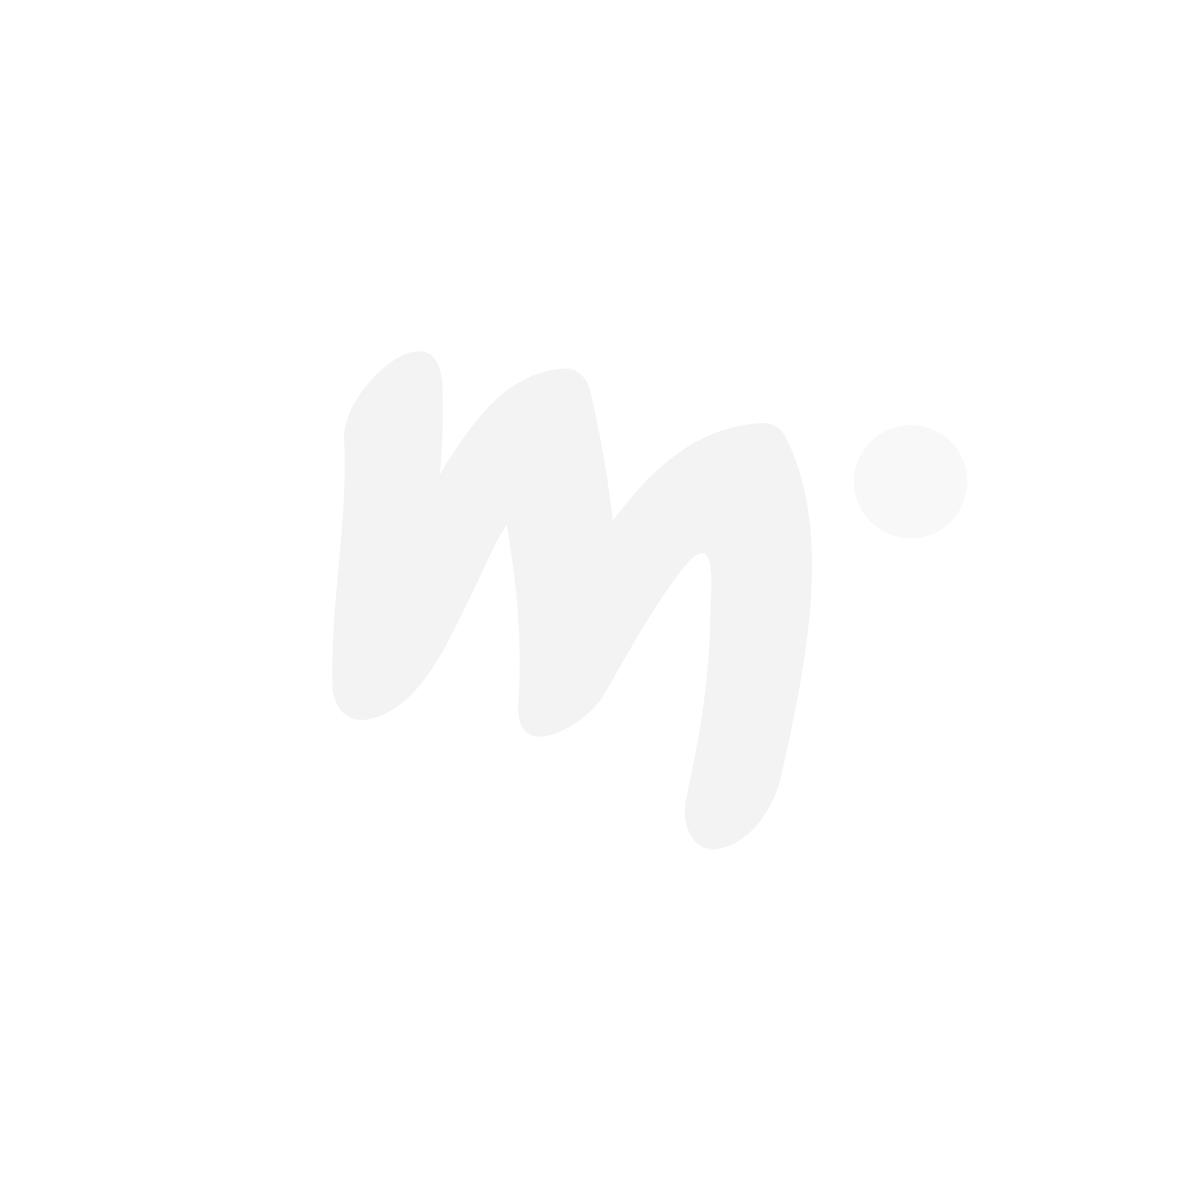 Peppi Pitkätossu Kärrynpyörä-mekko vaaleanpunainen